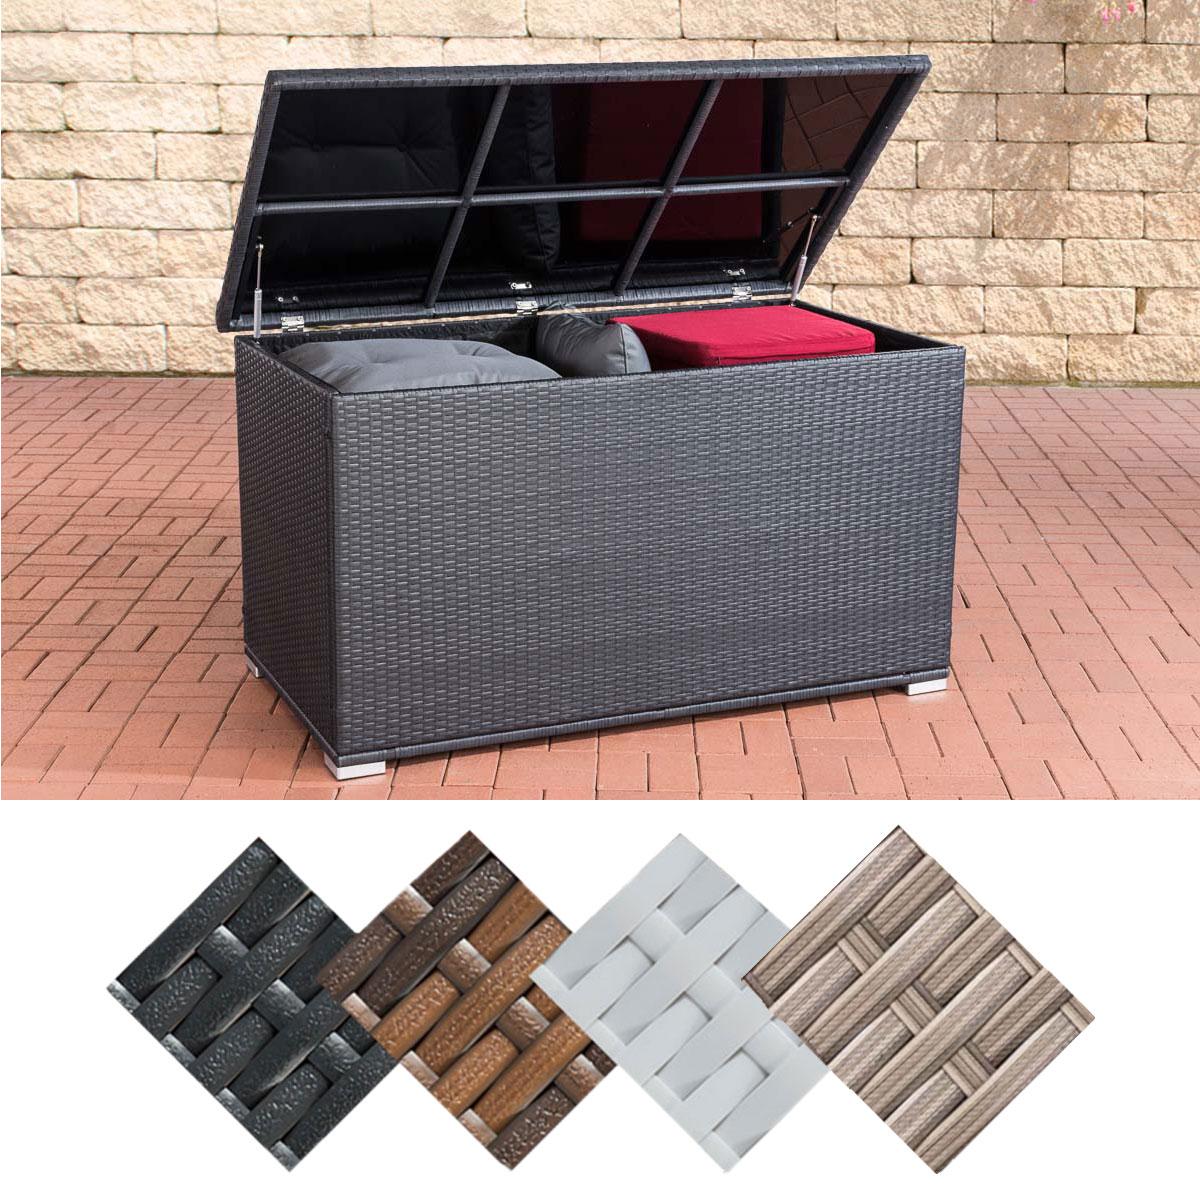 Polyrattan Auflagenbox Safe 685 Liter Gartenbox Kissenbox Gartentruhe Rattanbox